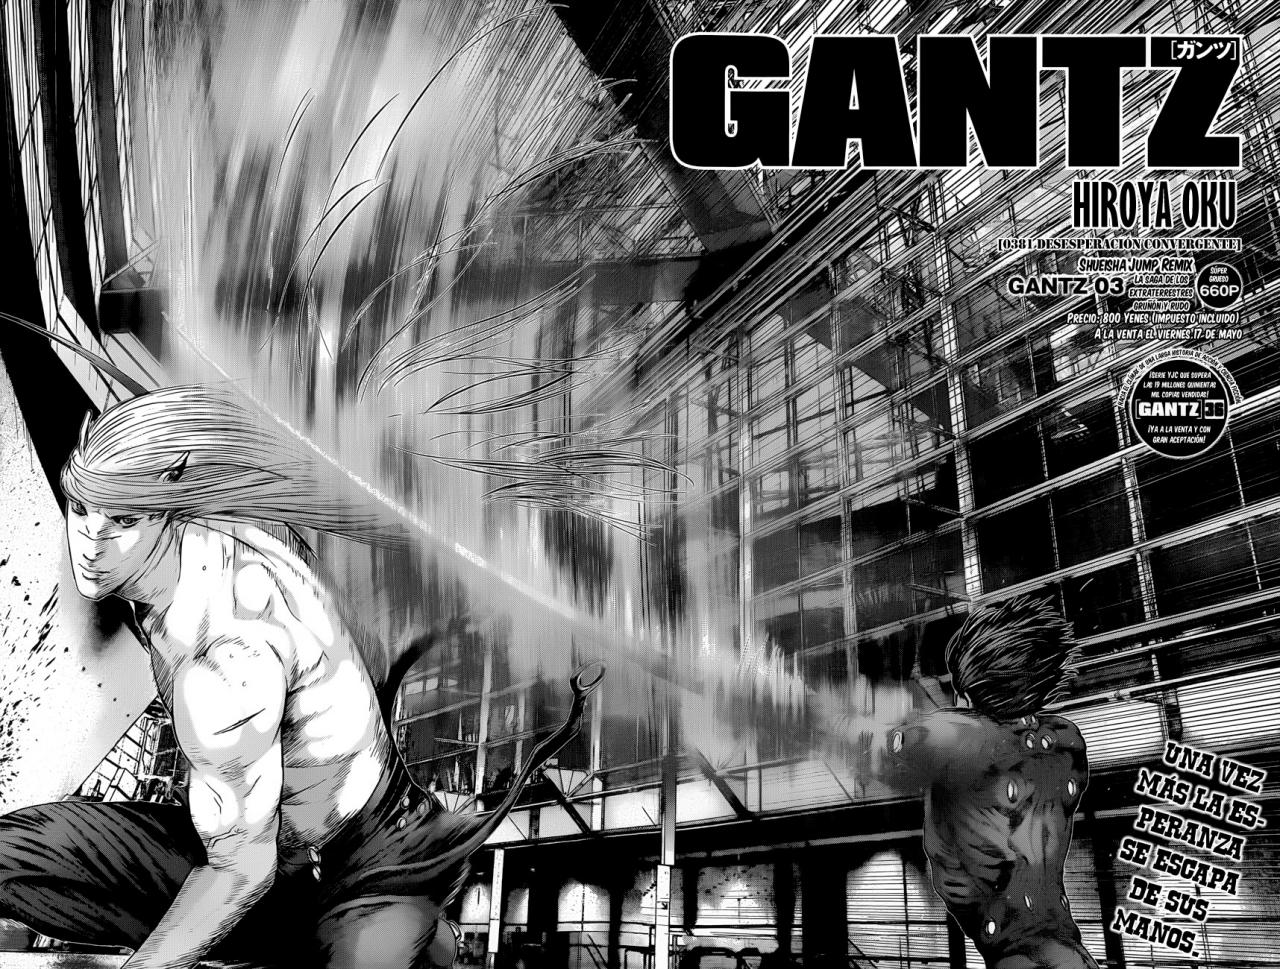 MANGA GANTZ CAPITULO 381 Gantz_c0381_-_p02-03_Utopia